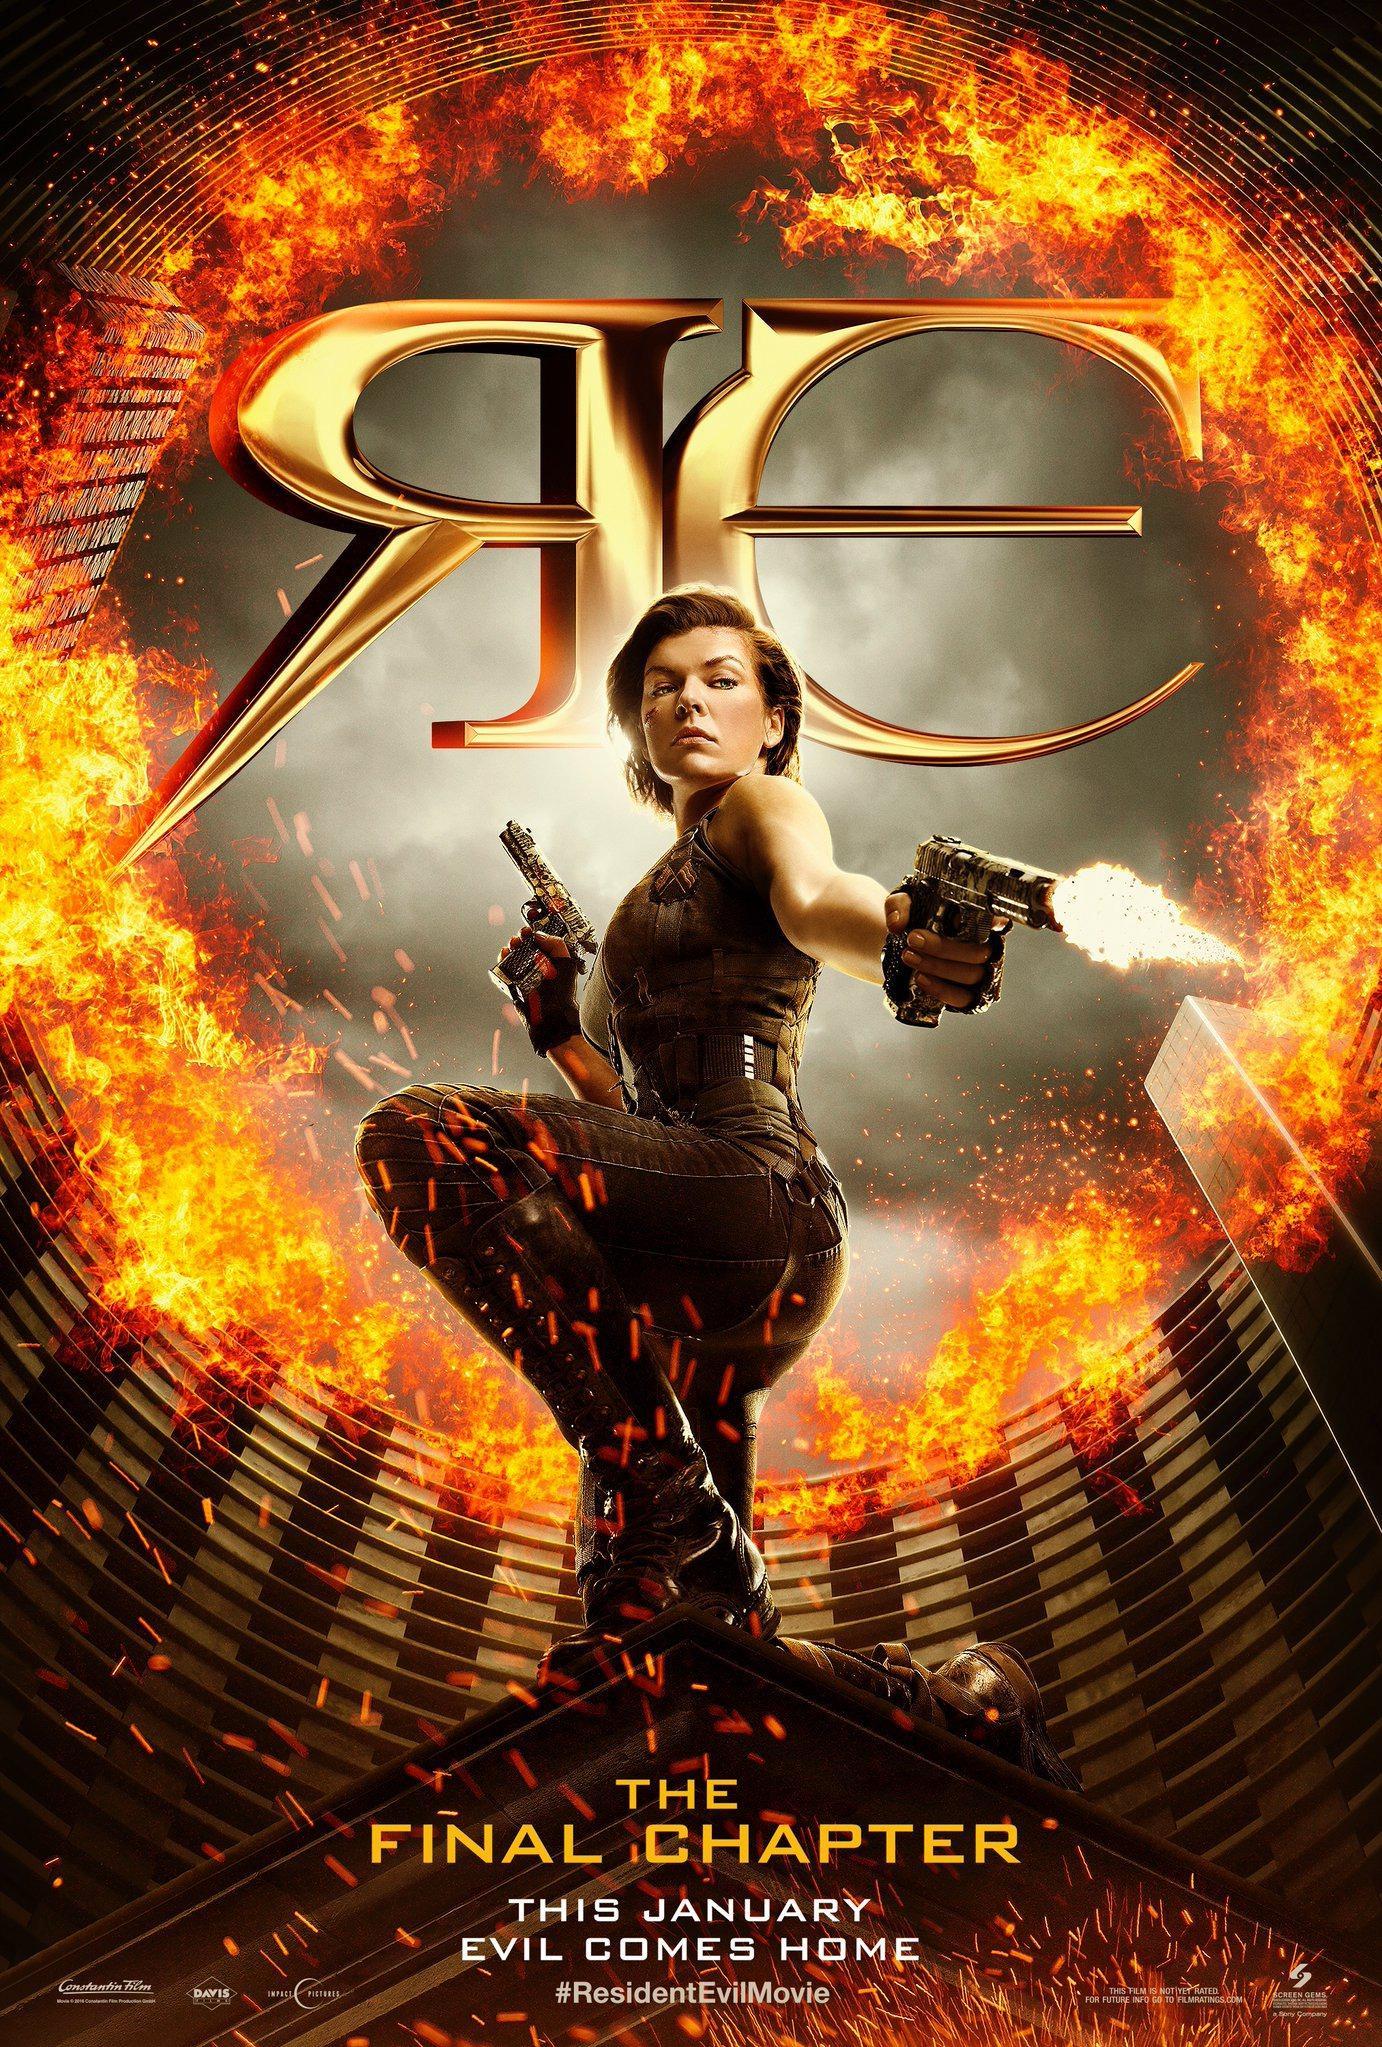 《生化危机:终章》(Resident Evil: The Final Chapter)曝首款海报 女战神持枪灭敌